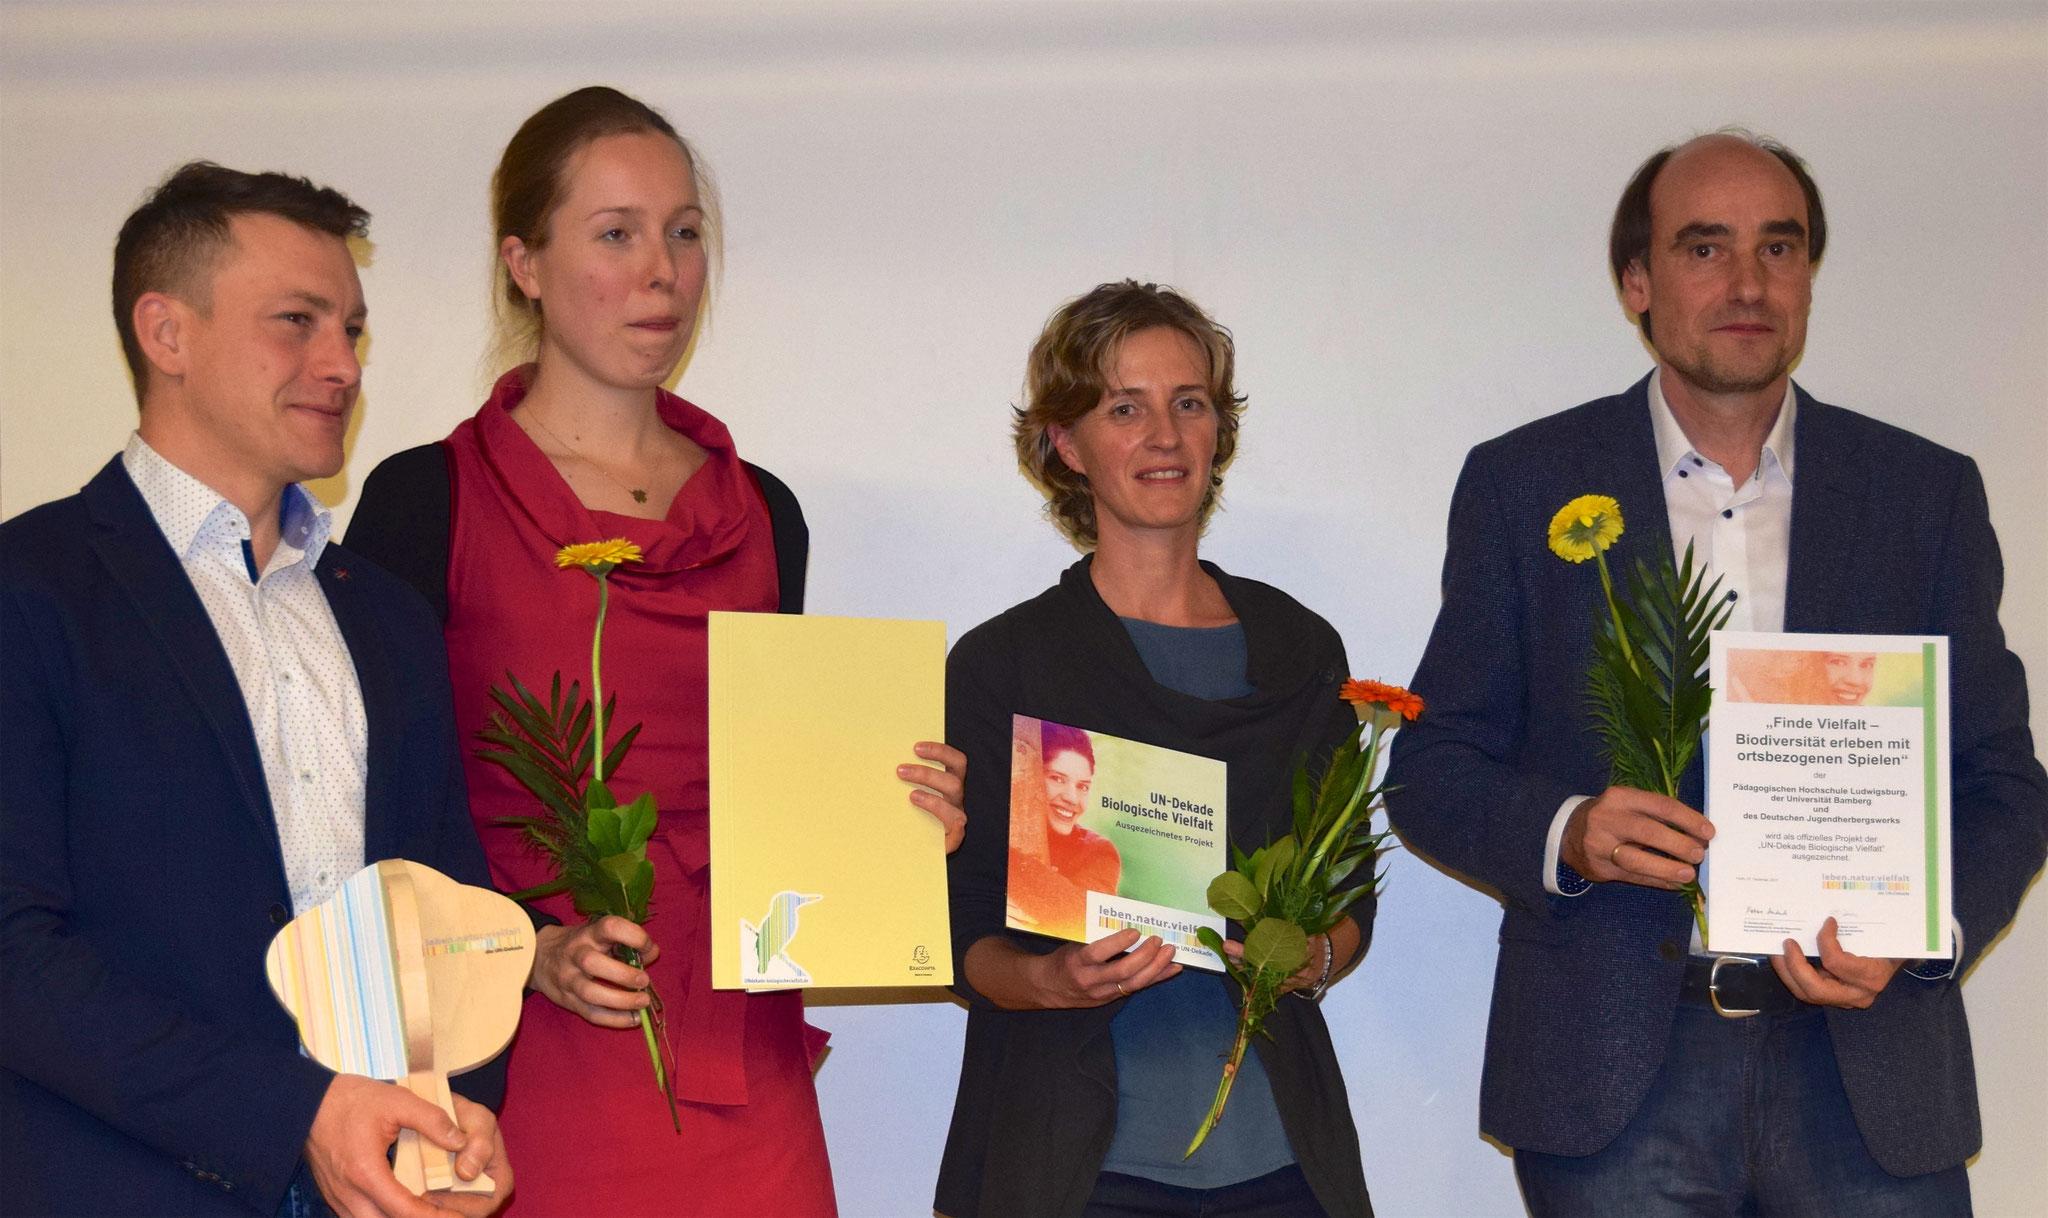 Das gesamte Projekt-Team der PH Ludwigsburg Prof. Dr. Steffen Schaal, Anabel Haas, Dr. Sonja Schaal und Prof. Dr. Armin Lude mit dem Baum der UN-Dekade und Urkunde. Foto: Projekt Finde Vielfalt.